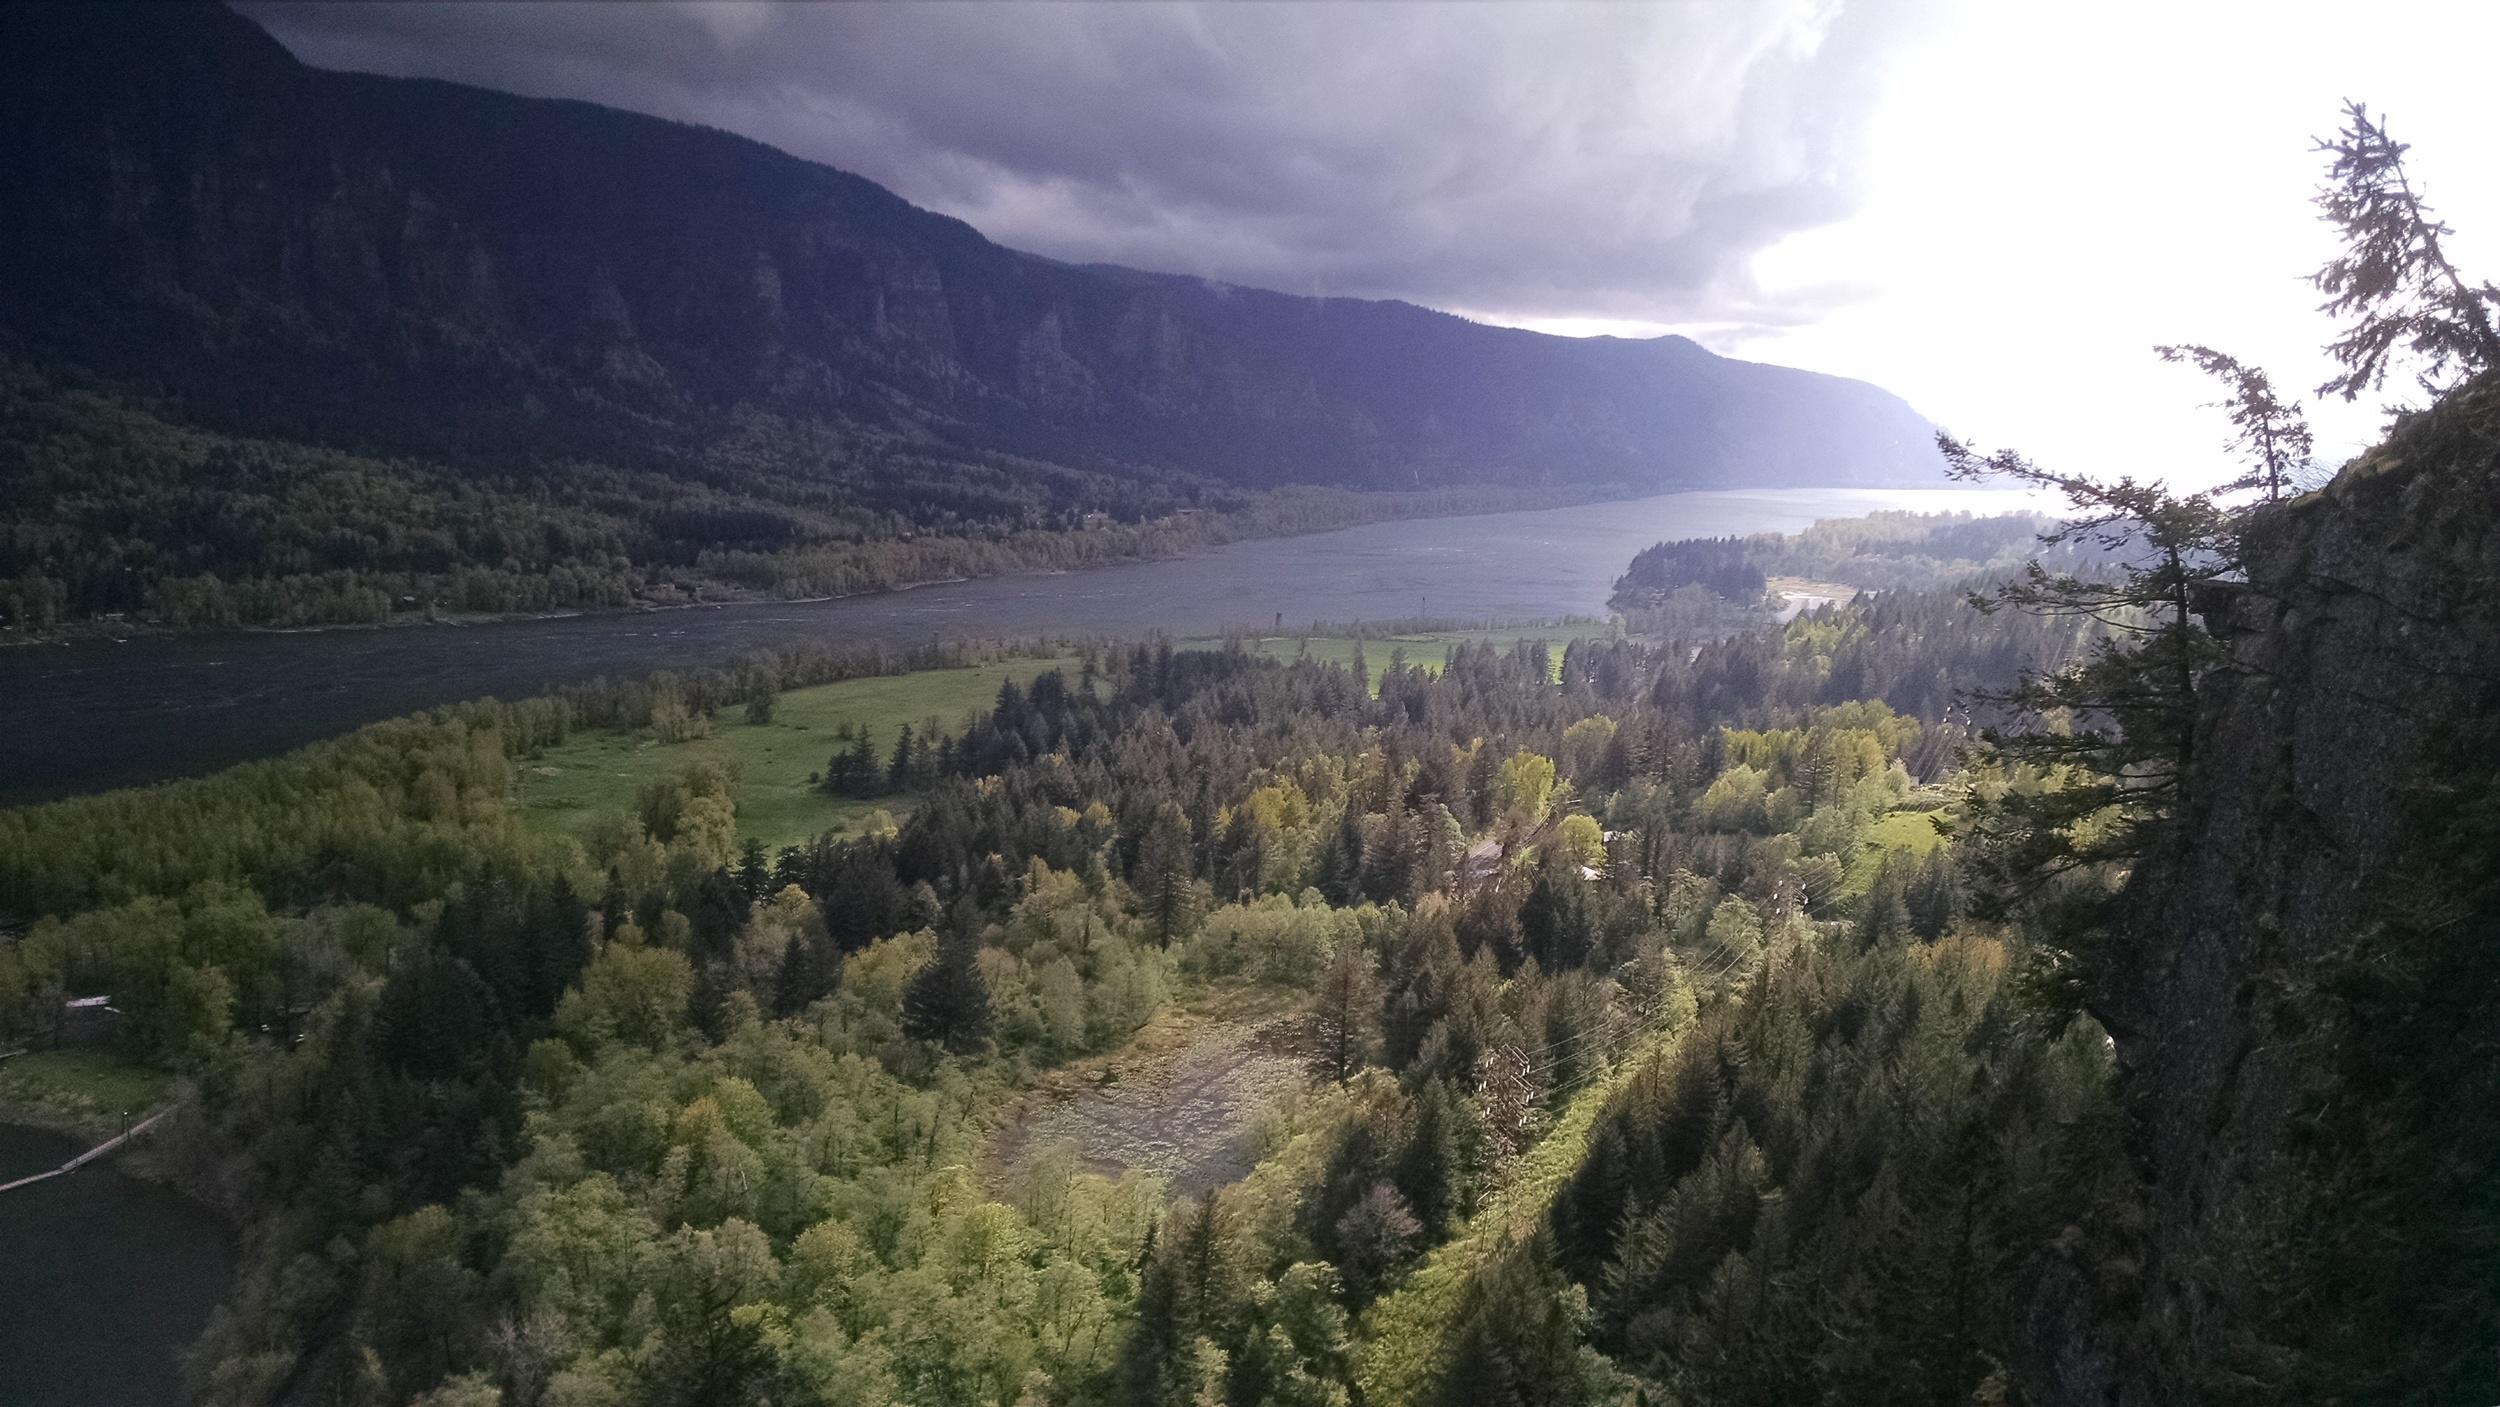 More views -- looking West